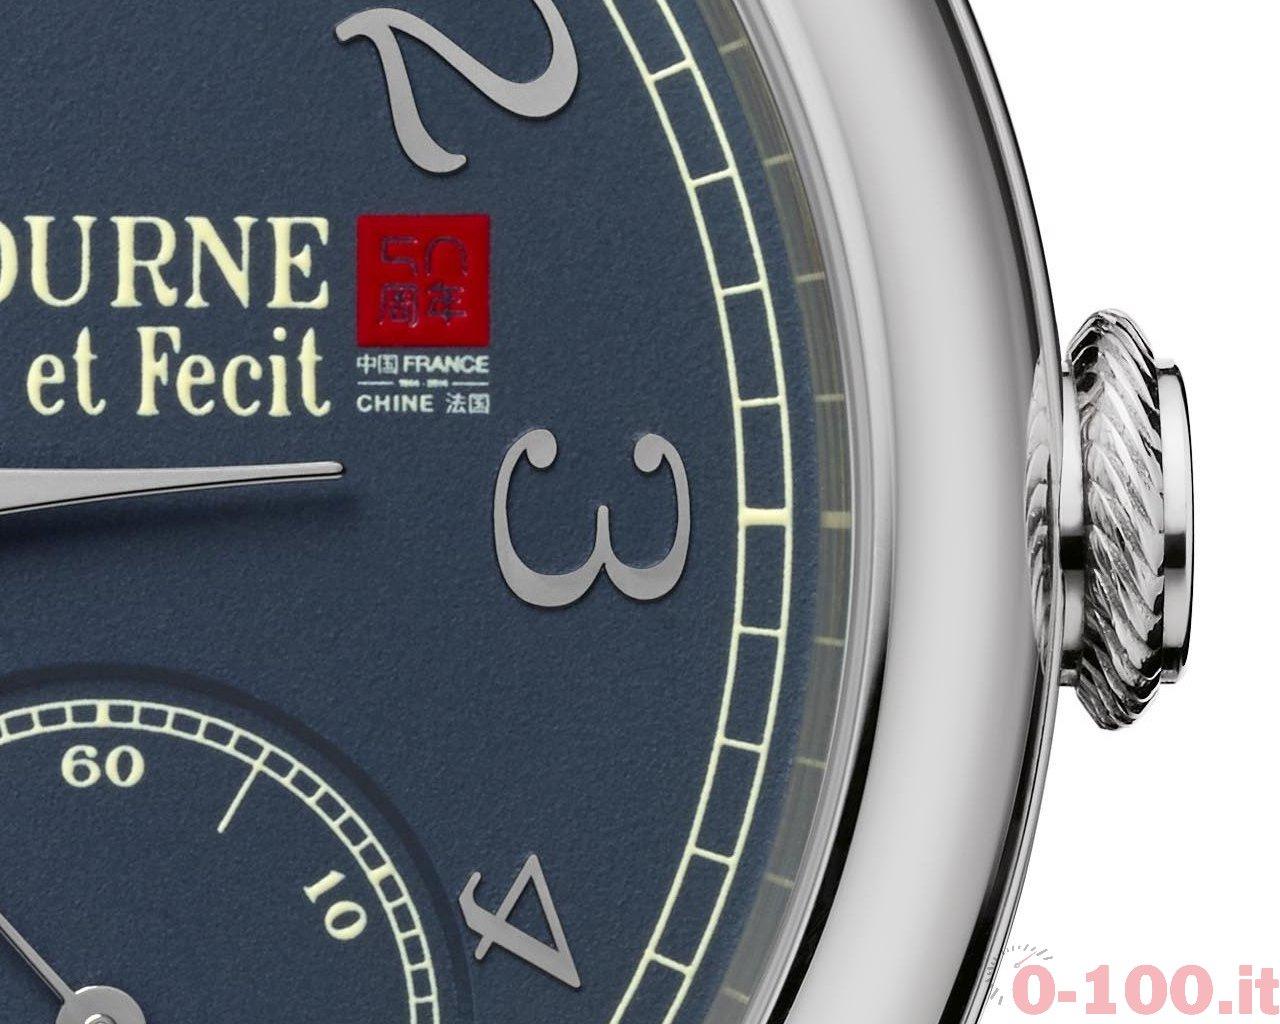 f-p-journe-octa-automatique-lune-50-anni-di-relazioni-tra-francia-e-cina-0-100_7